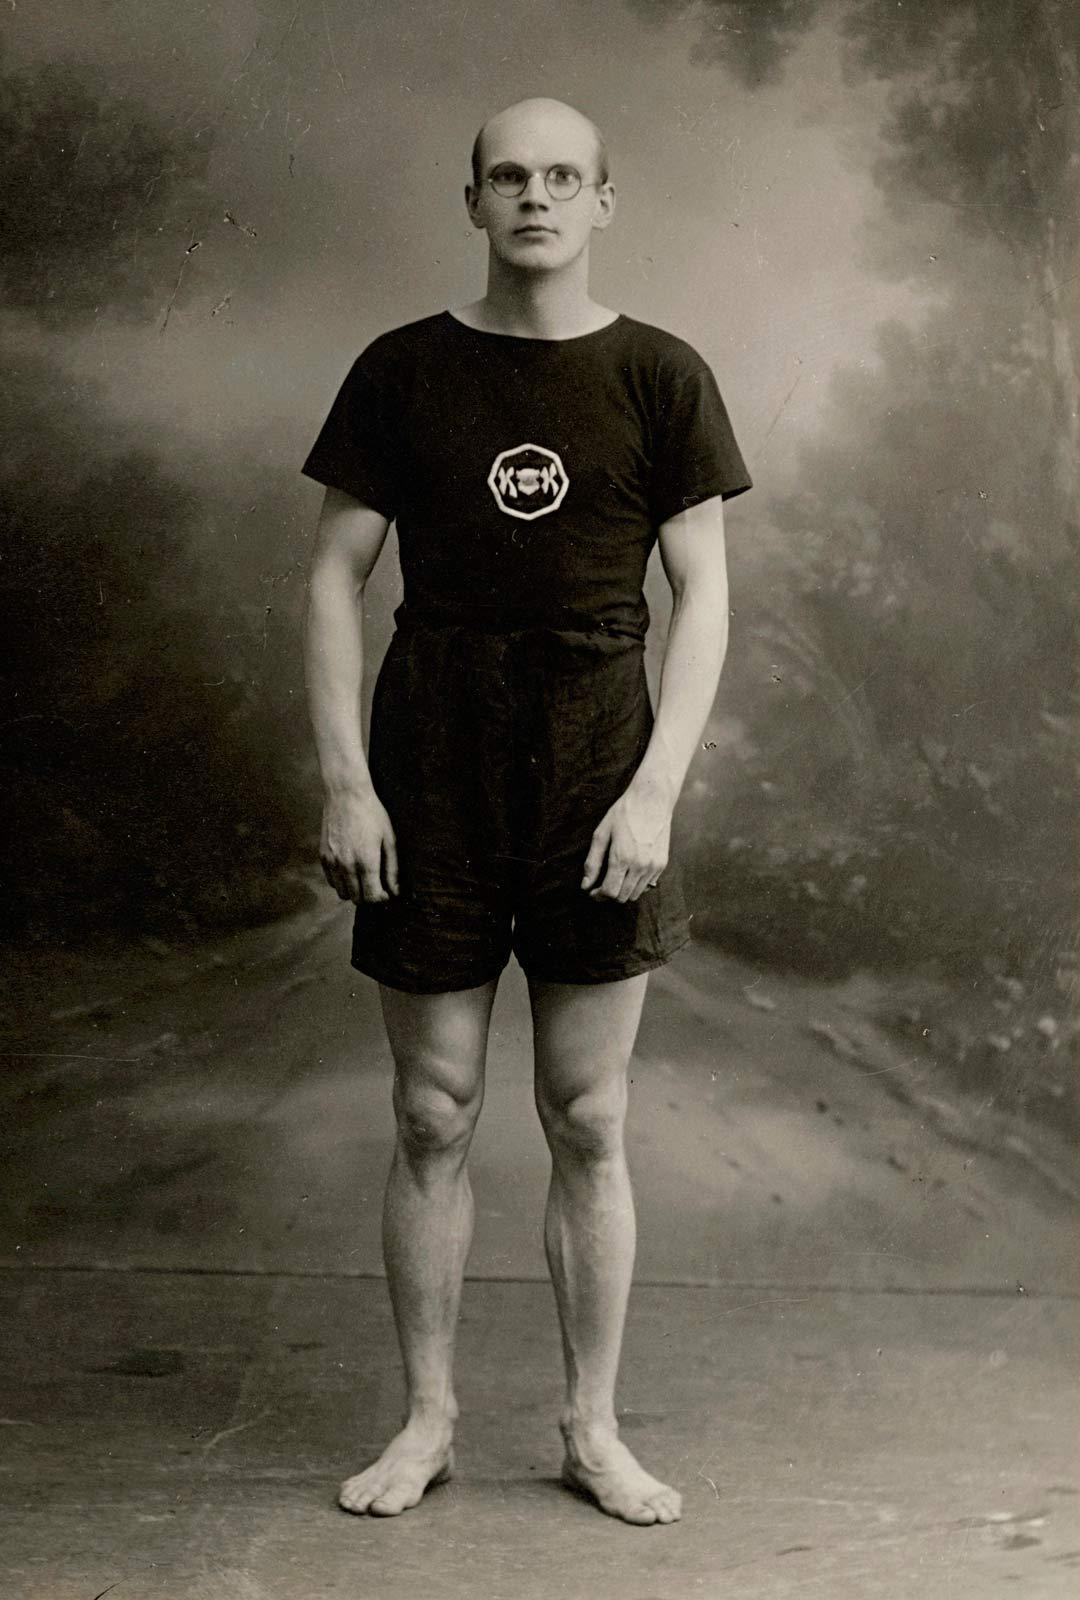 Nuori Urho Kekkonen oli taustaltaan täydellinen ihminen salaisen poliisin työhön: älykäs, tarkkaavainen ja kilpaurheilussa hyvän fyysisen kunnon saanut monilahjakkuus. Kuva vuodelta 1924.